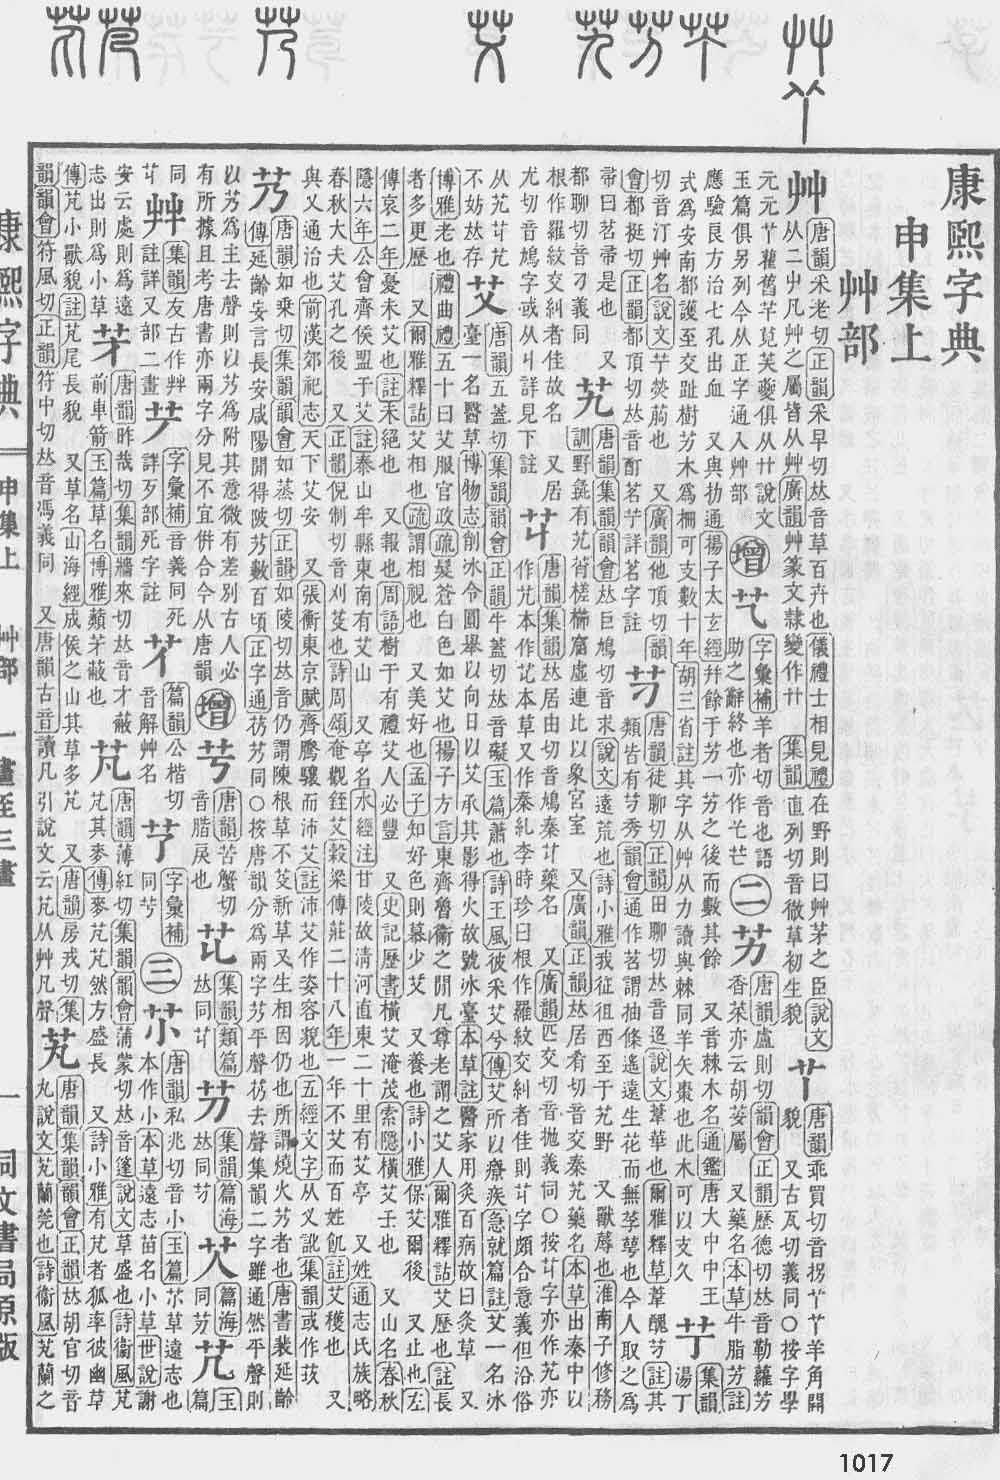 《康熙字典》第1017页